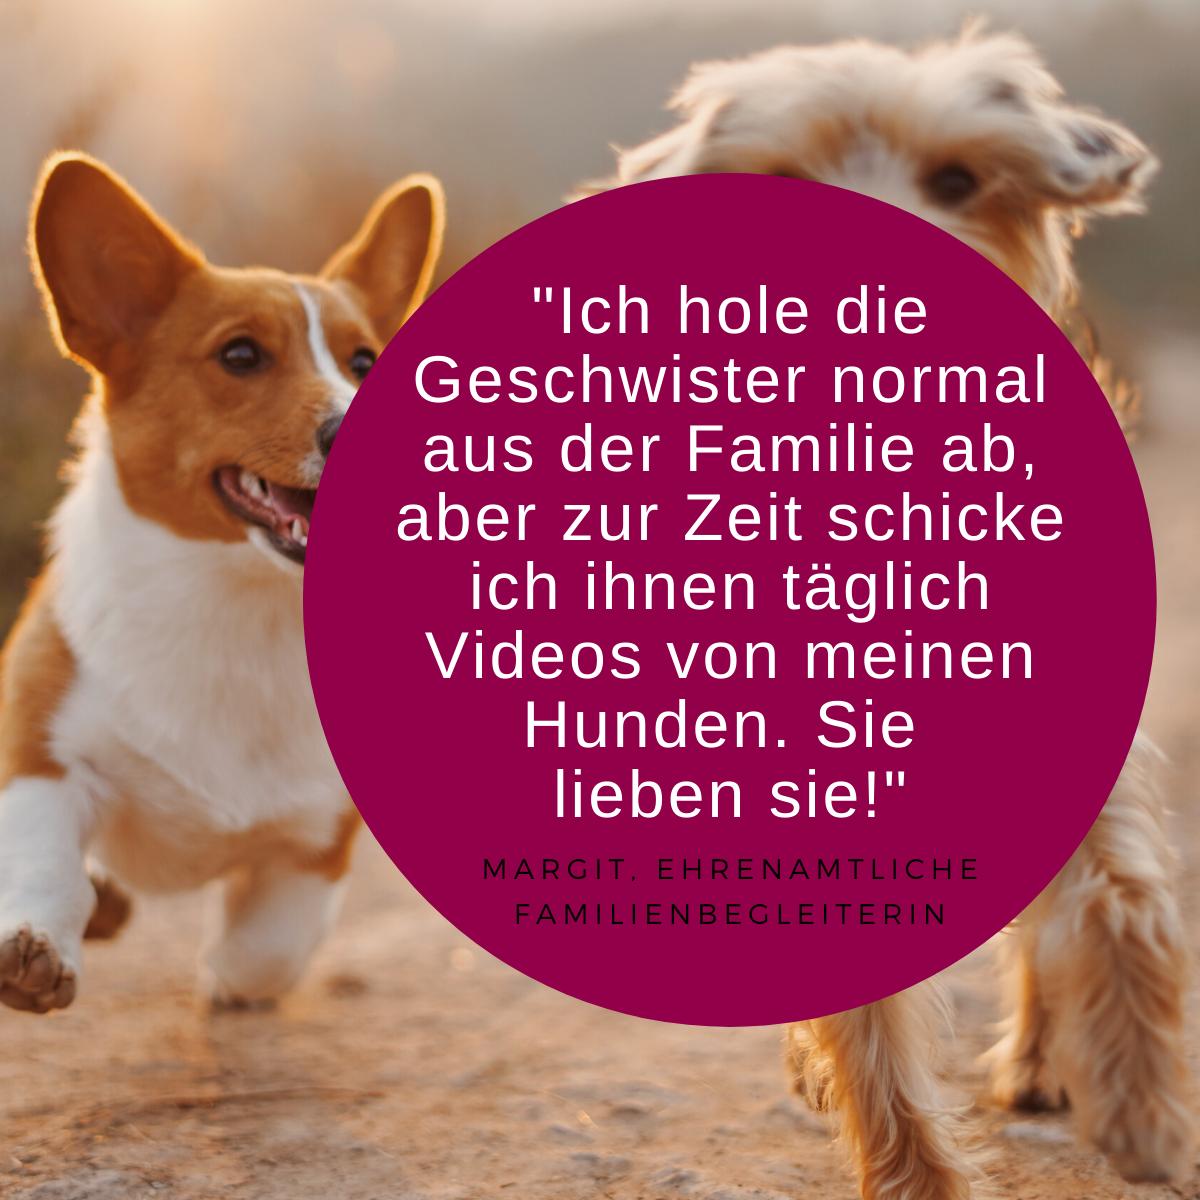 Zitat Ehrenamt und Bild Hunde